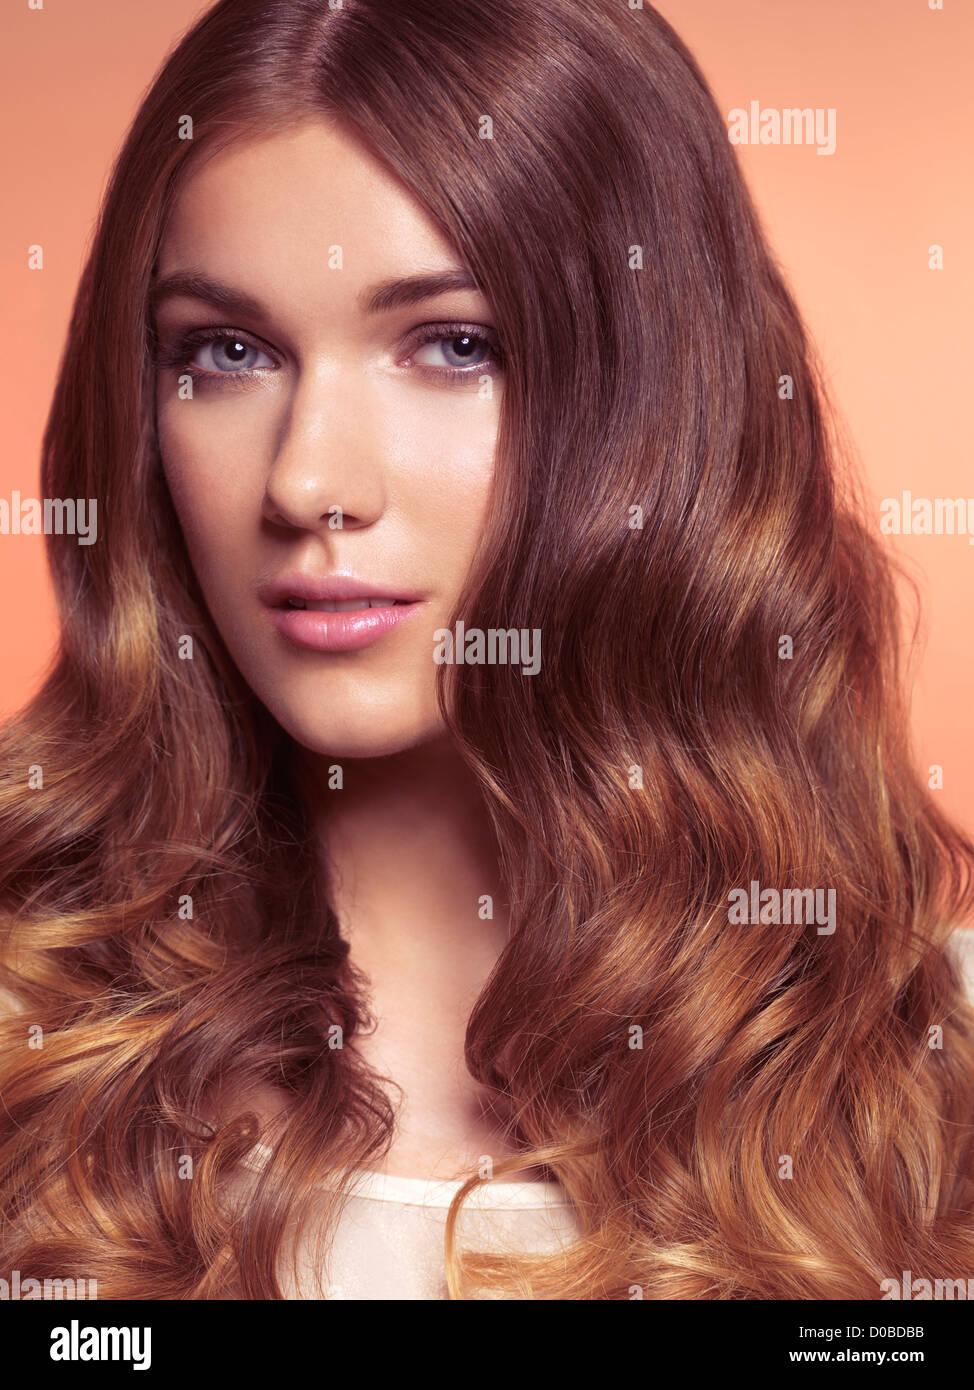 Bellezza ritratto di una giovane donna con lunghi mossi capelli castani Immagini Stock